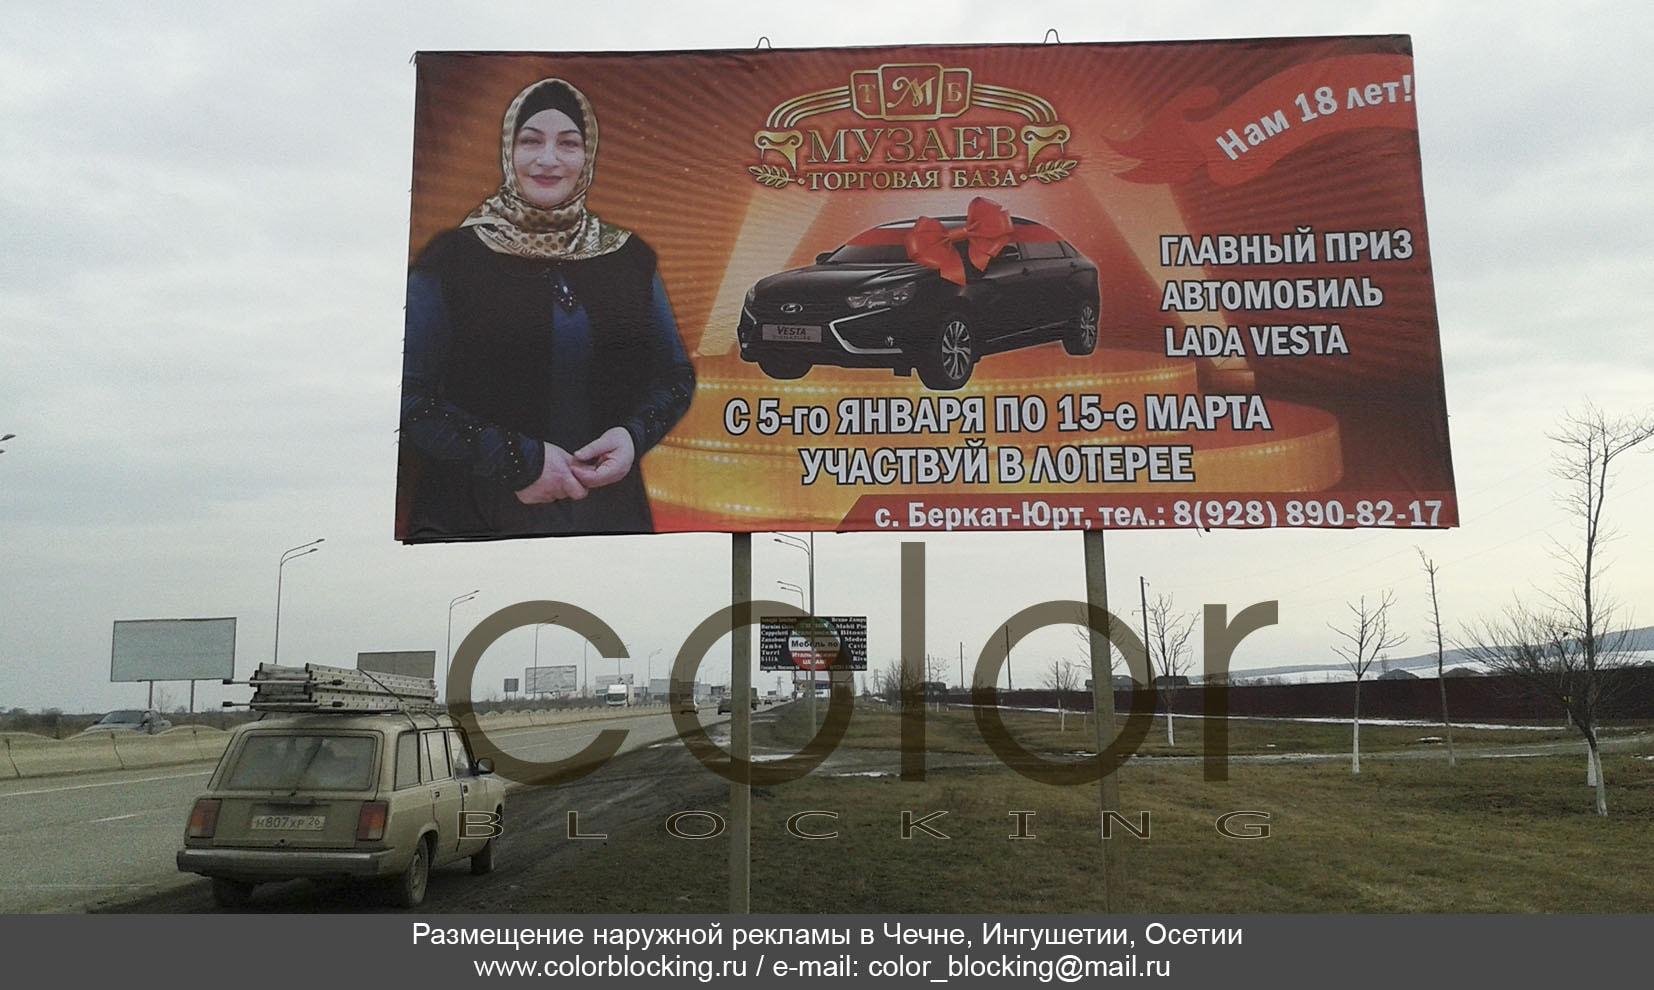 Чечня рекламные щиты фото